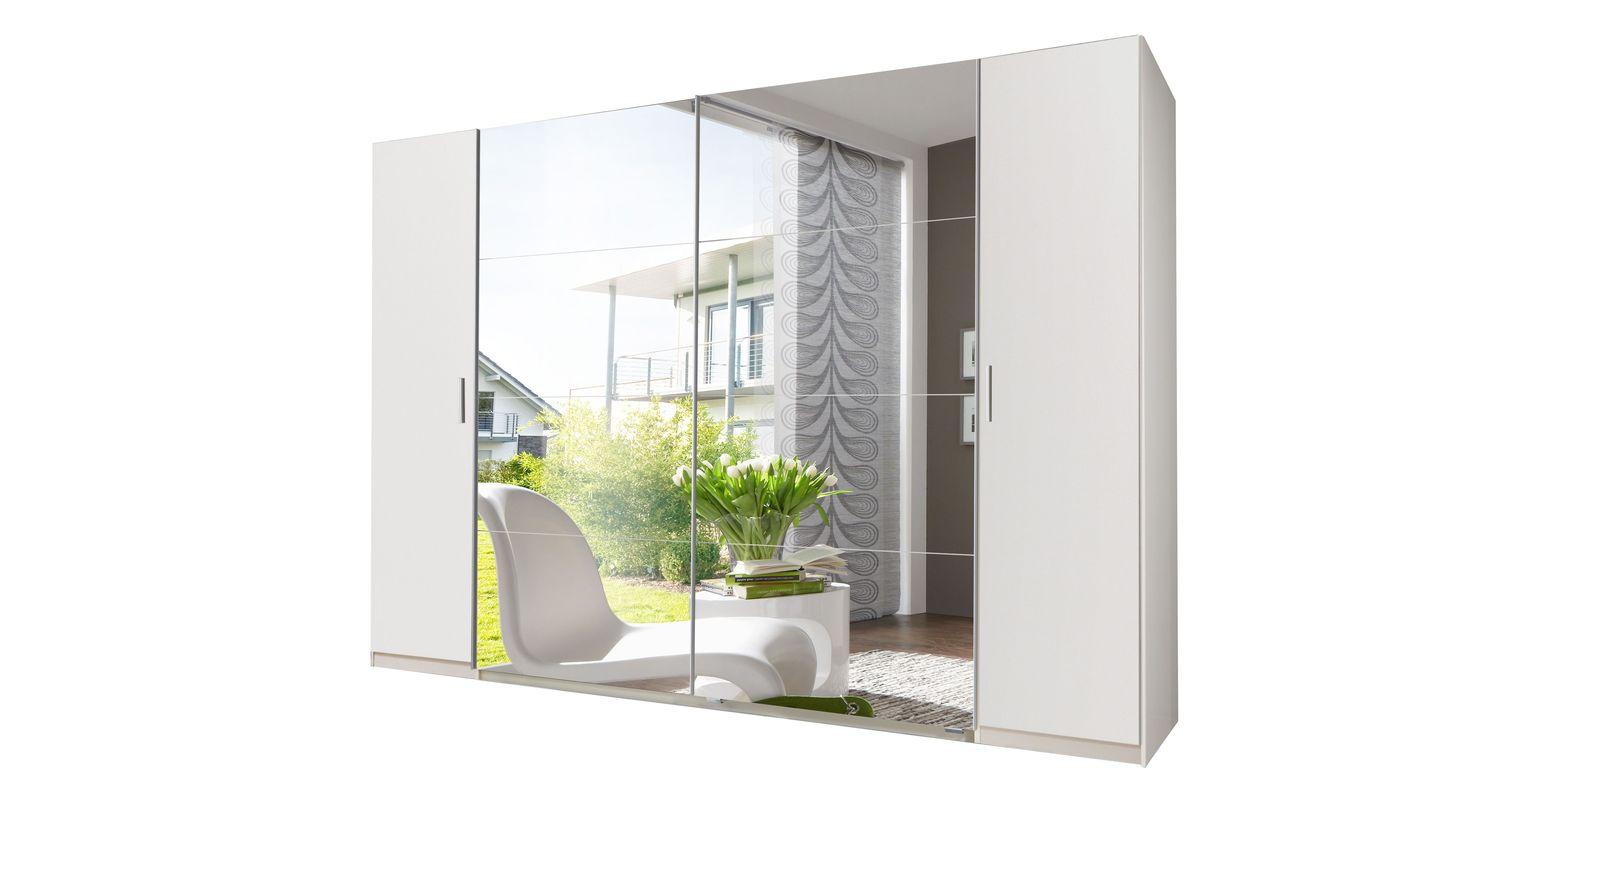 wei er spiegel kleiderschrank mit schiebe dreht ren maniago. Black Bedroom Furniture Sets. Home Design Ideas